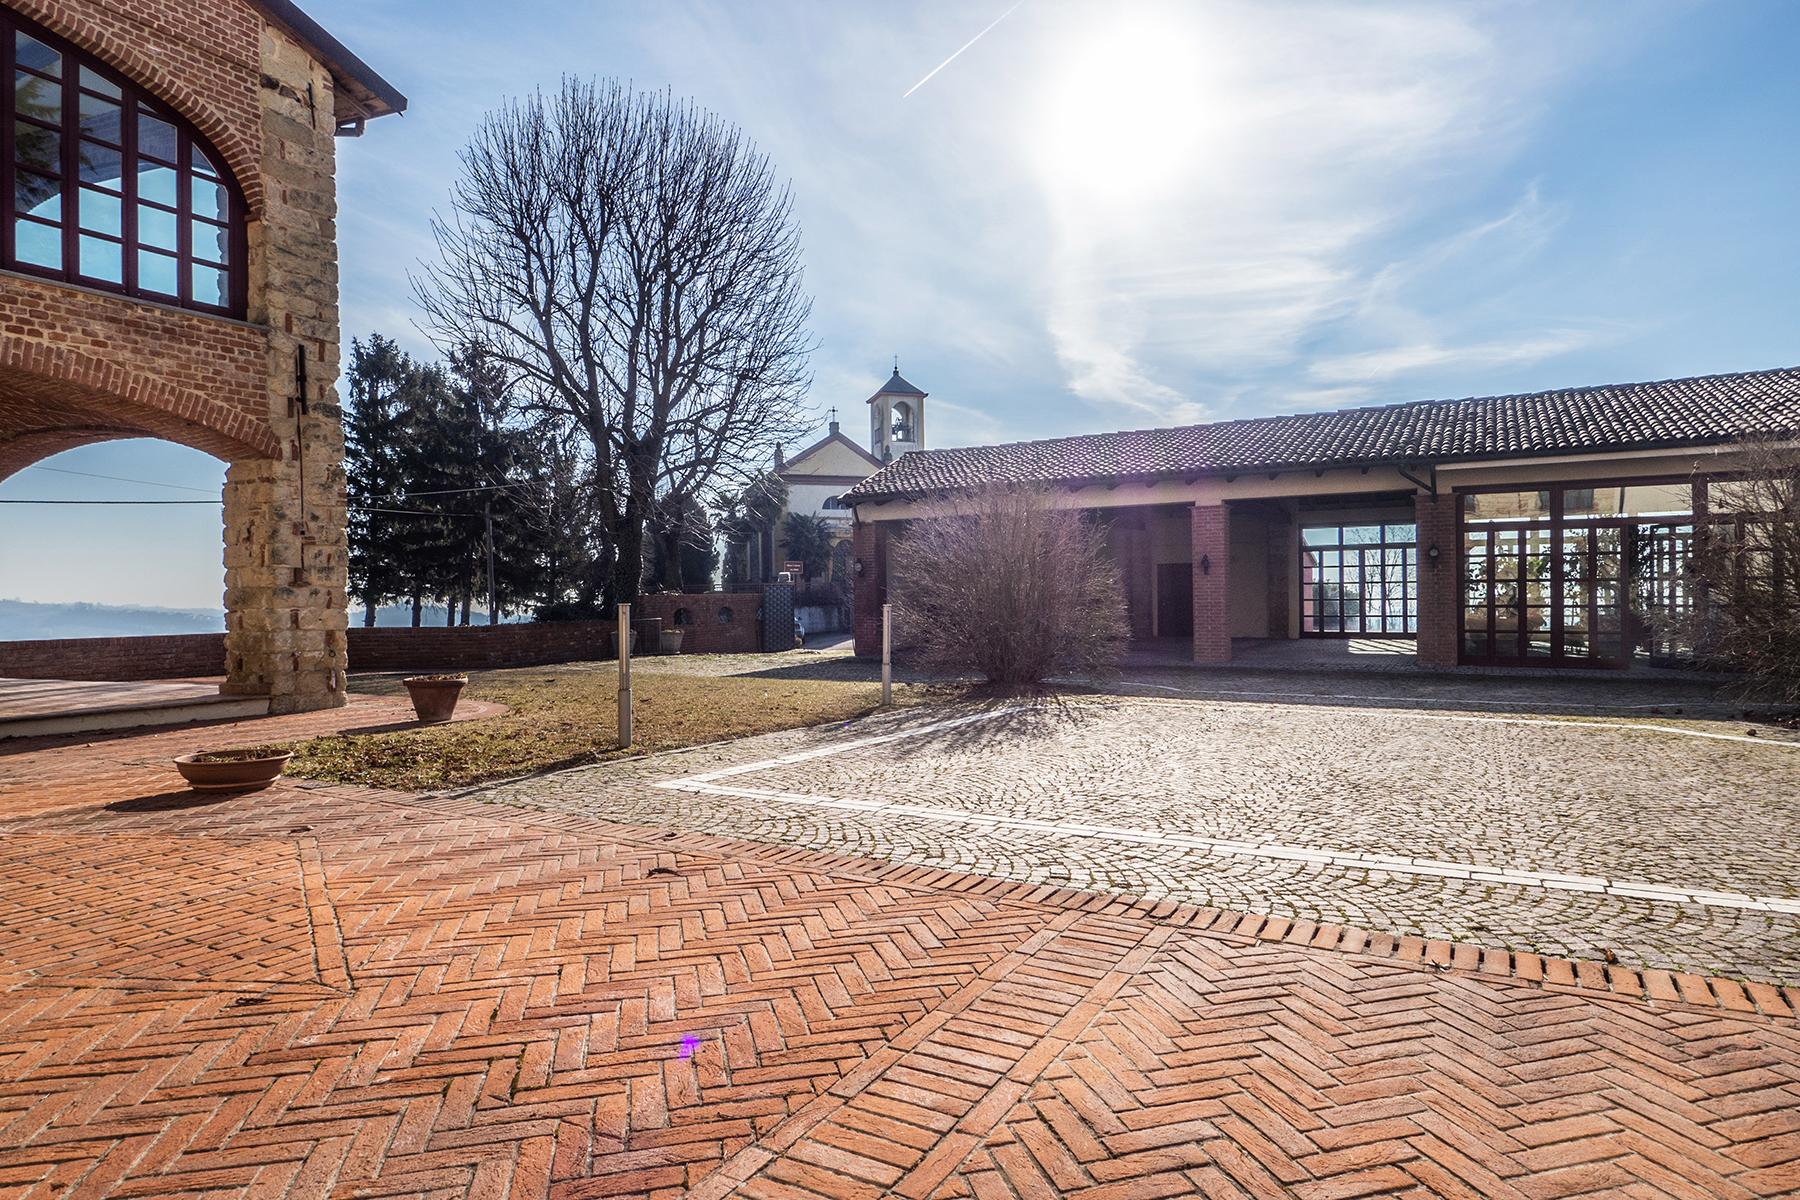 Rustico in Vendita a Vignale Monferrato: 5 locali, 1400 mq - Foto 26